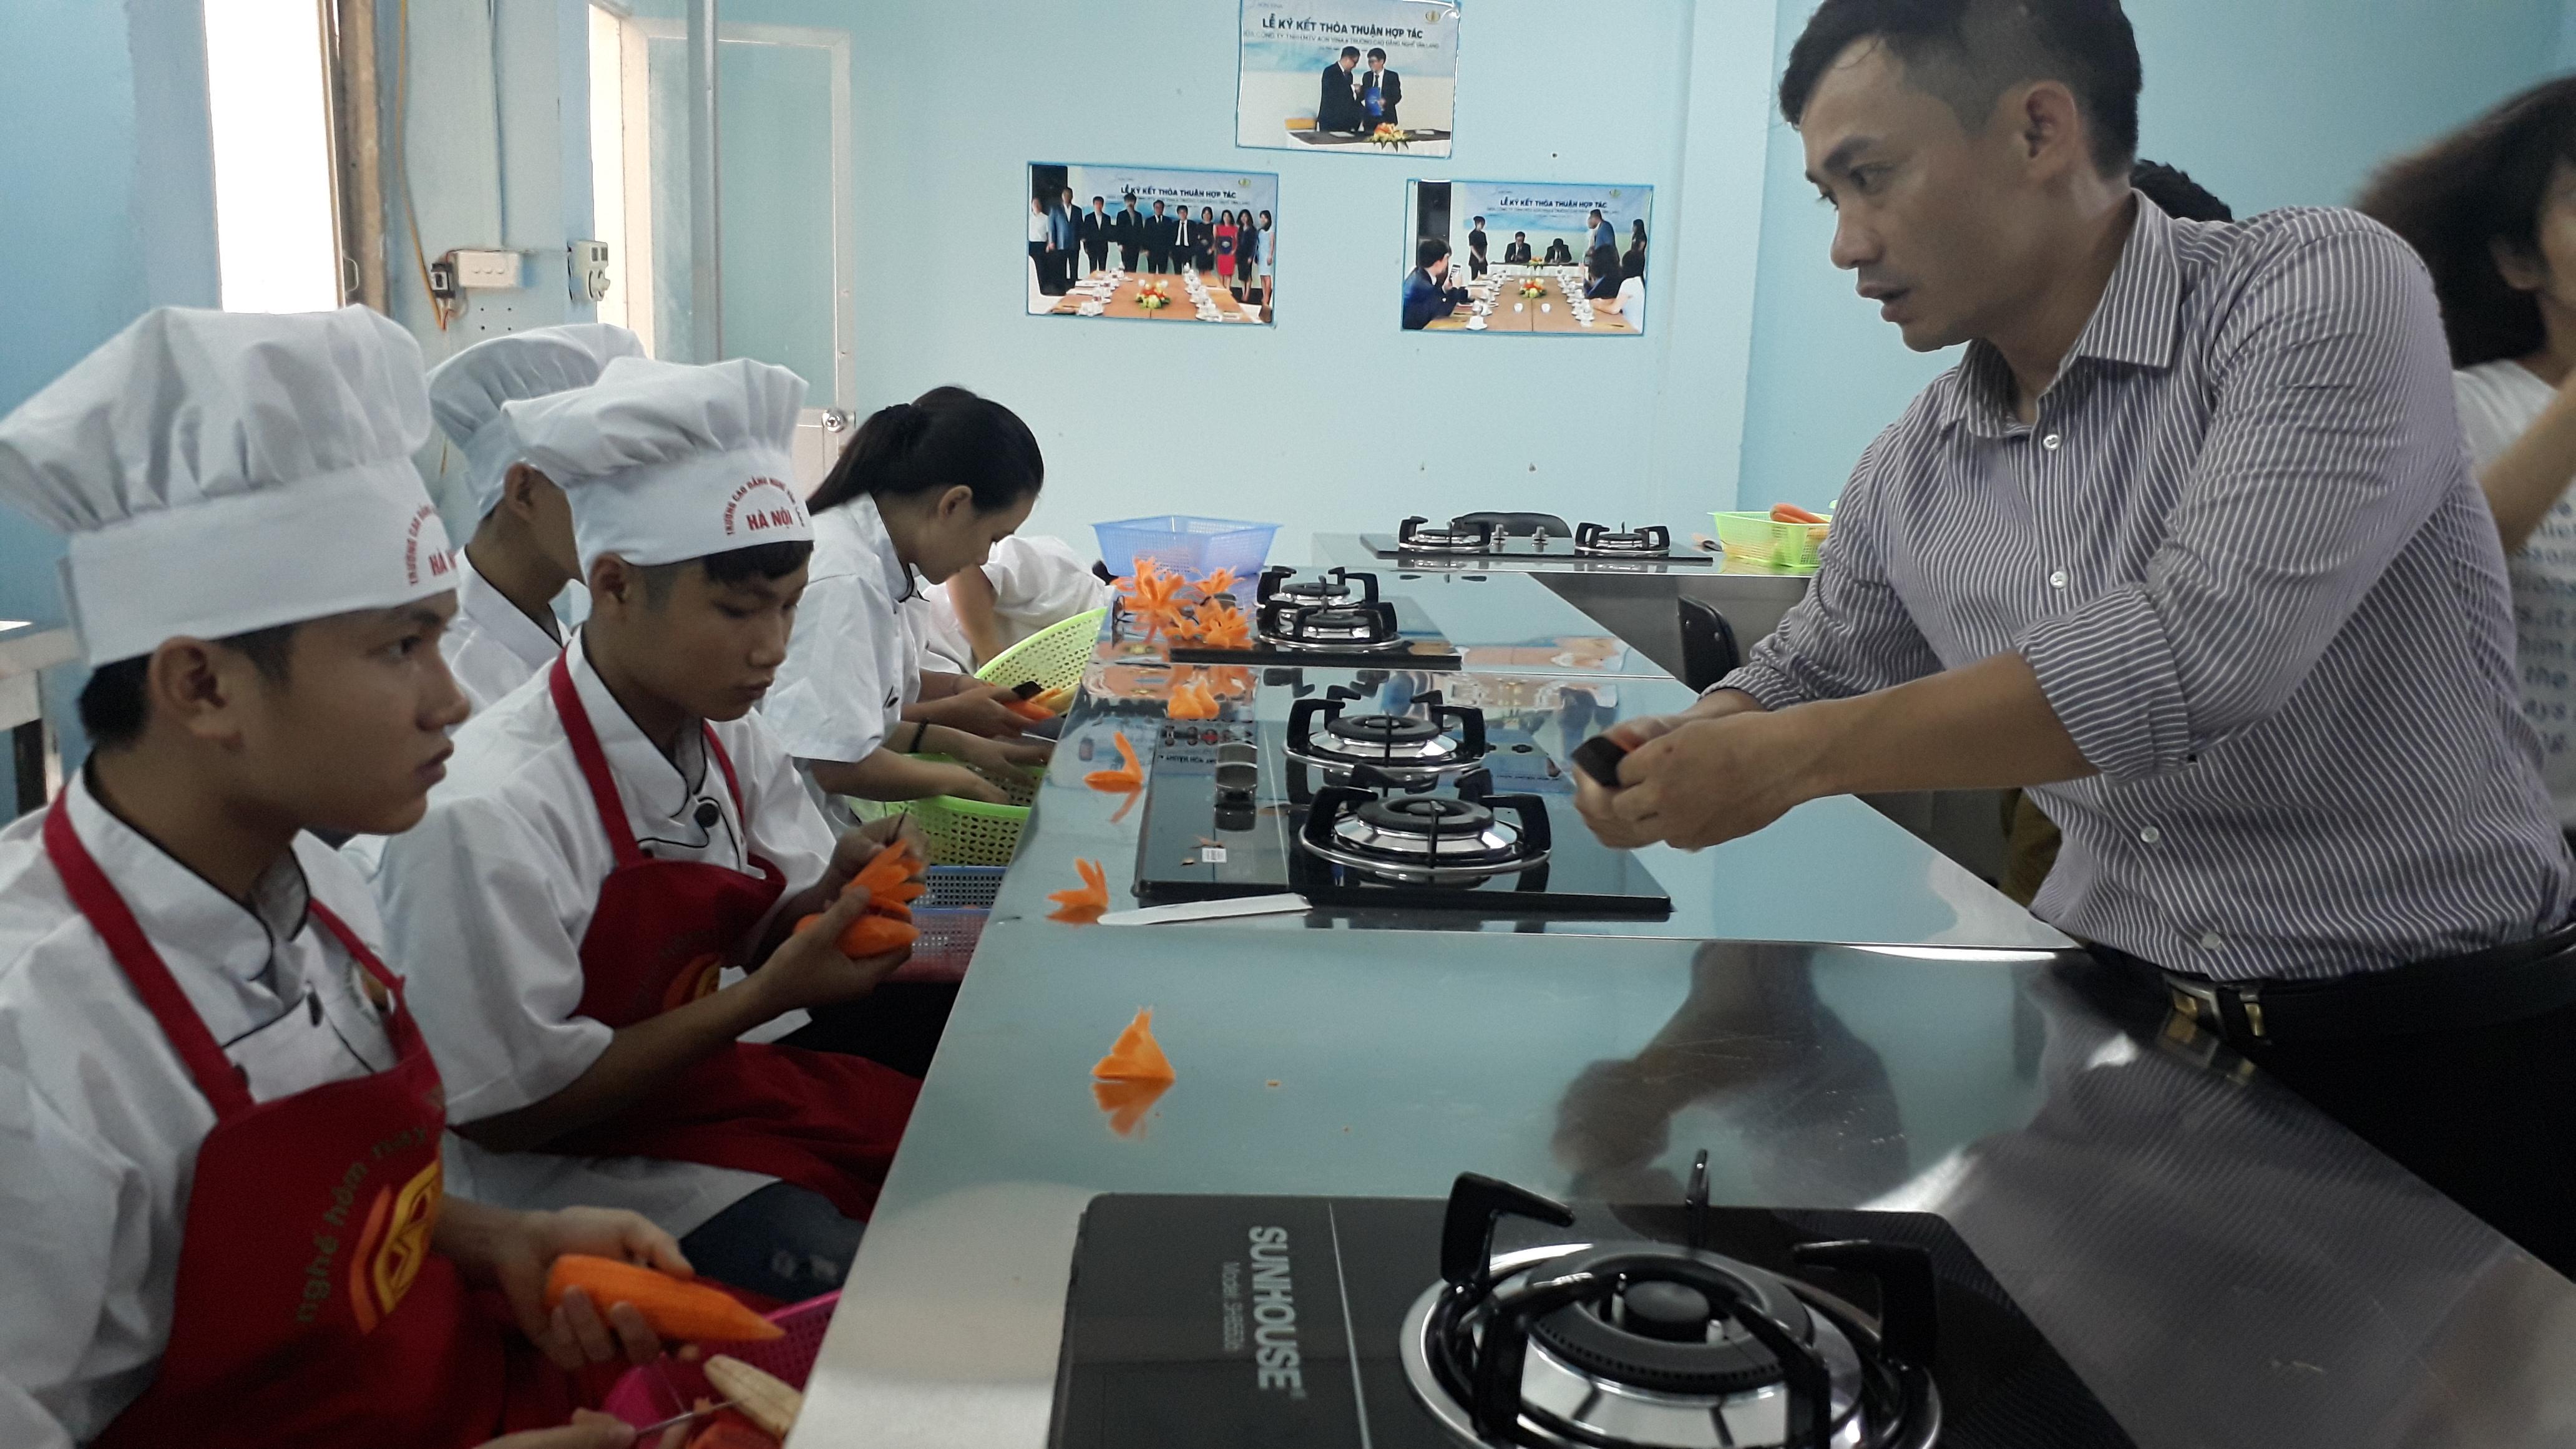 Địa chỉ học làm các món ăn hàn quốc tại Hà Nội chất lượng